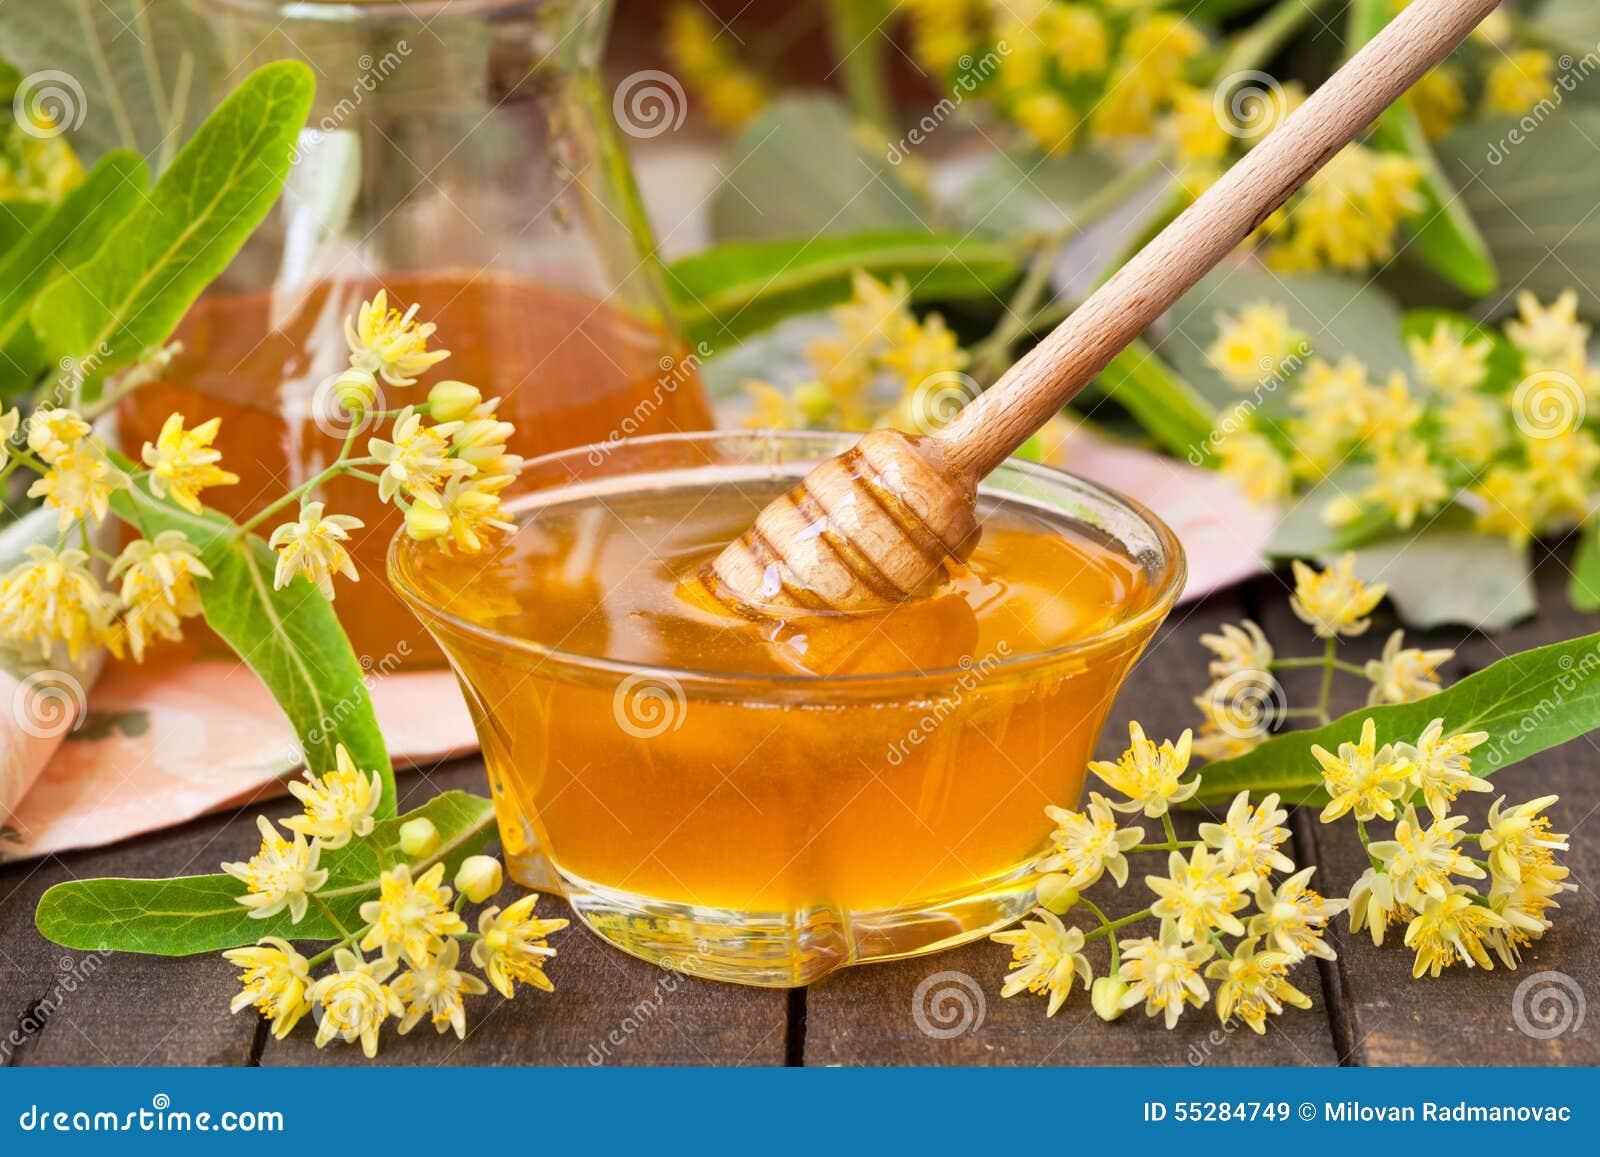 miel de tilleul avec des fleurs de tilleul photo stock image 55284749. Black Bedroom Furniture Sets. Home Design Ideas